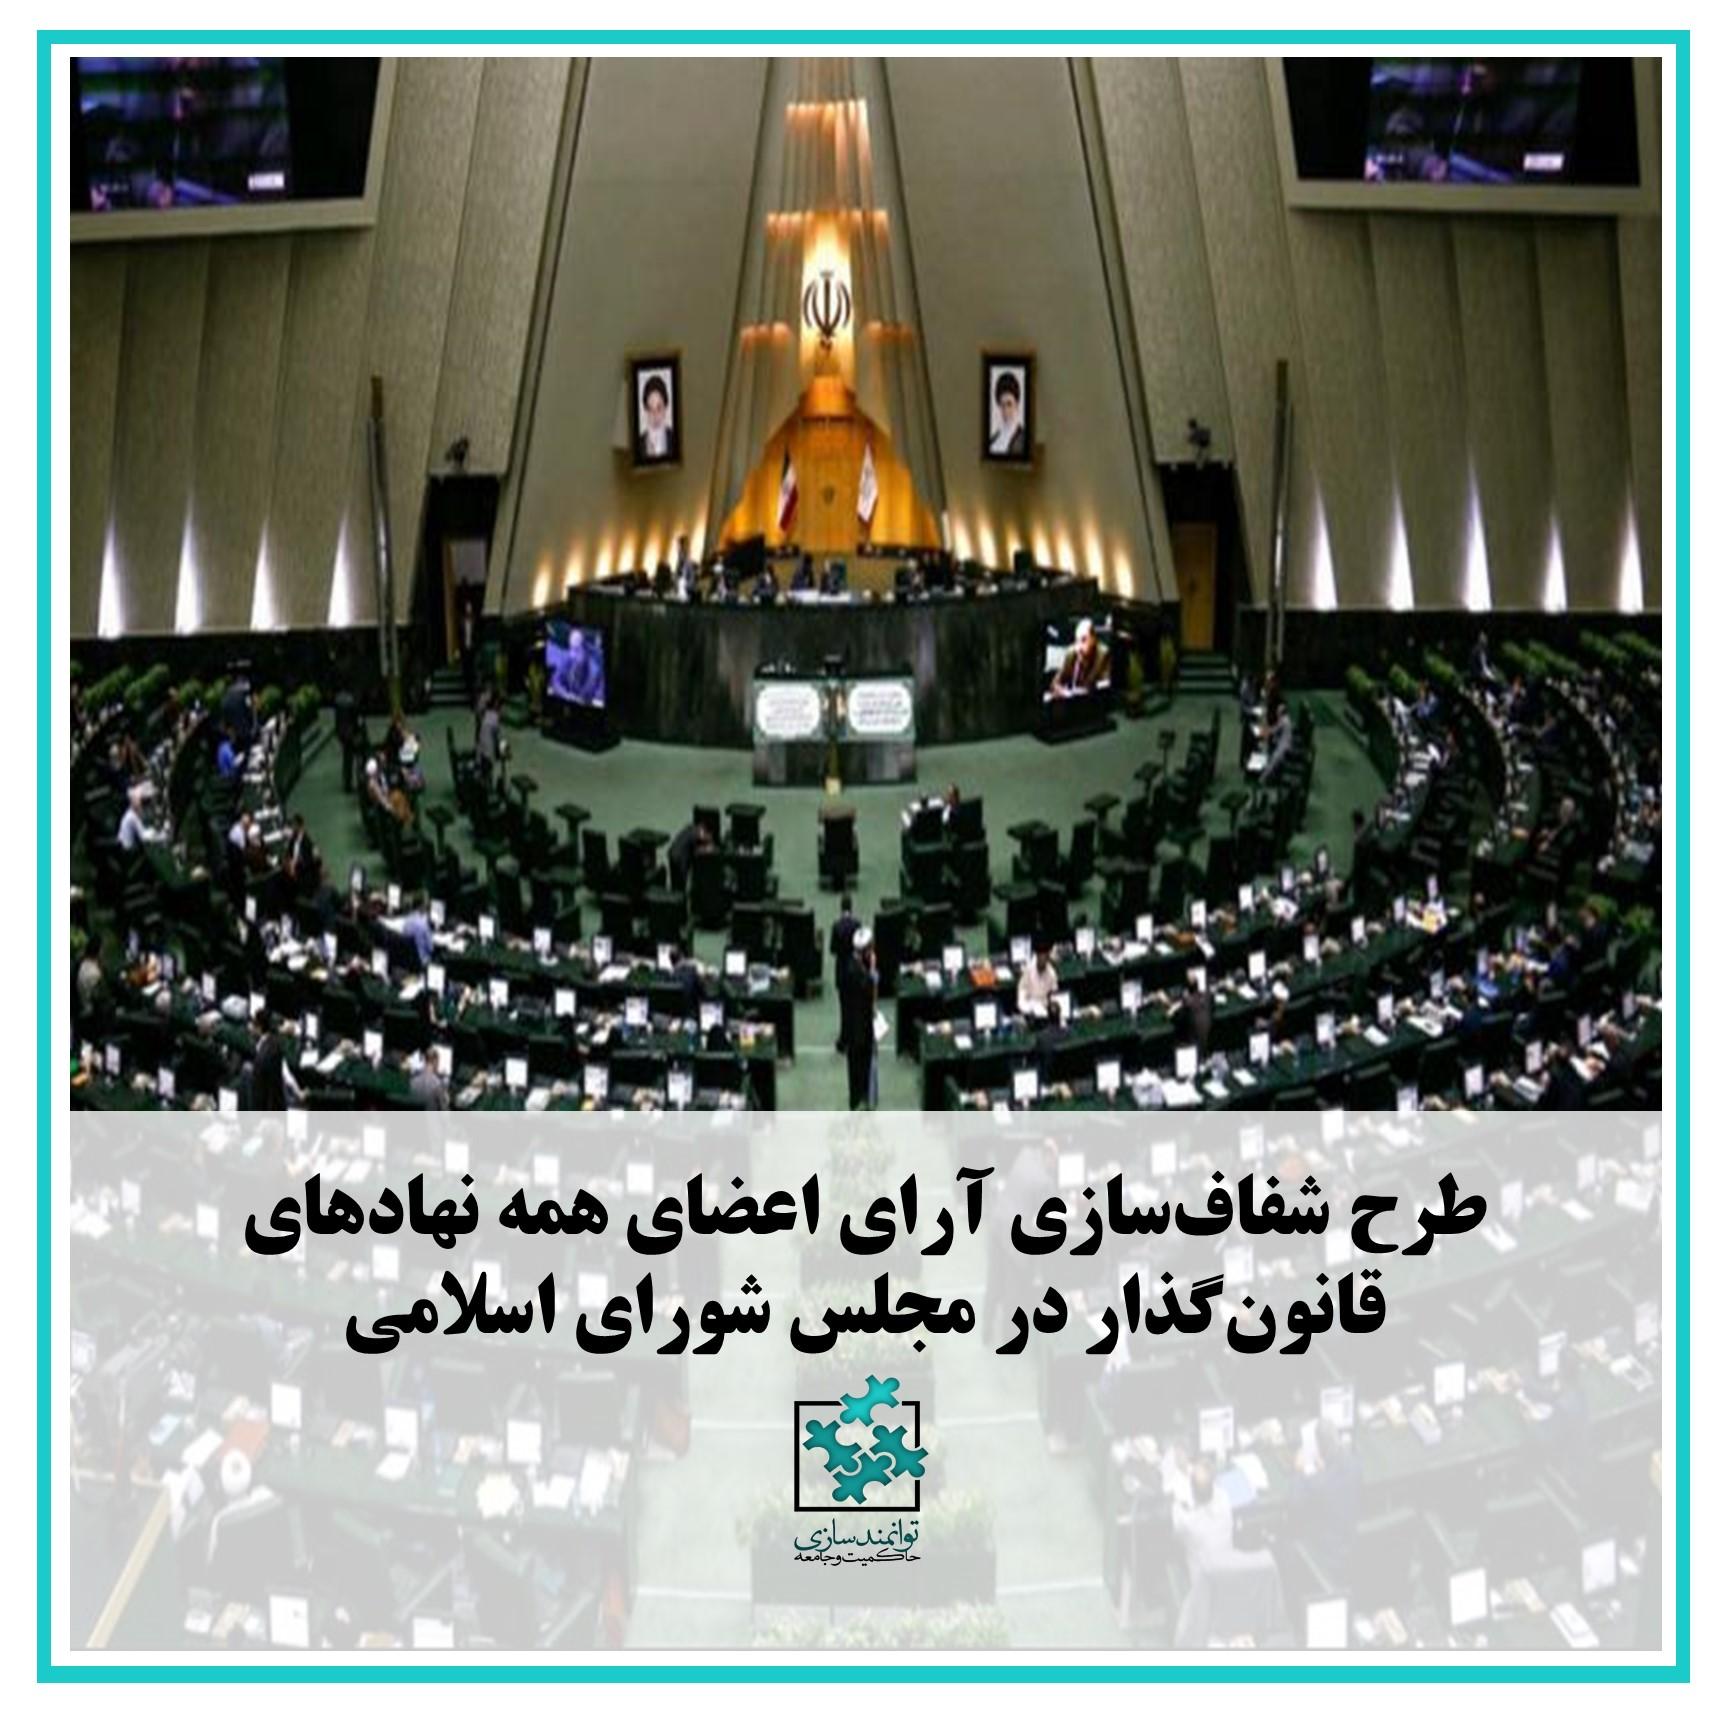 طرح شفاف سازی آرای اعضای نهادهای قانون گذار در مجلس